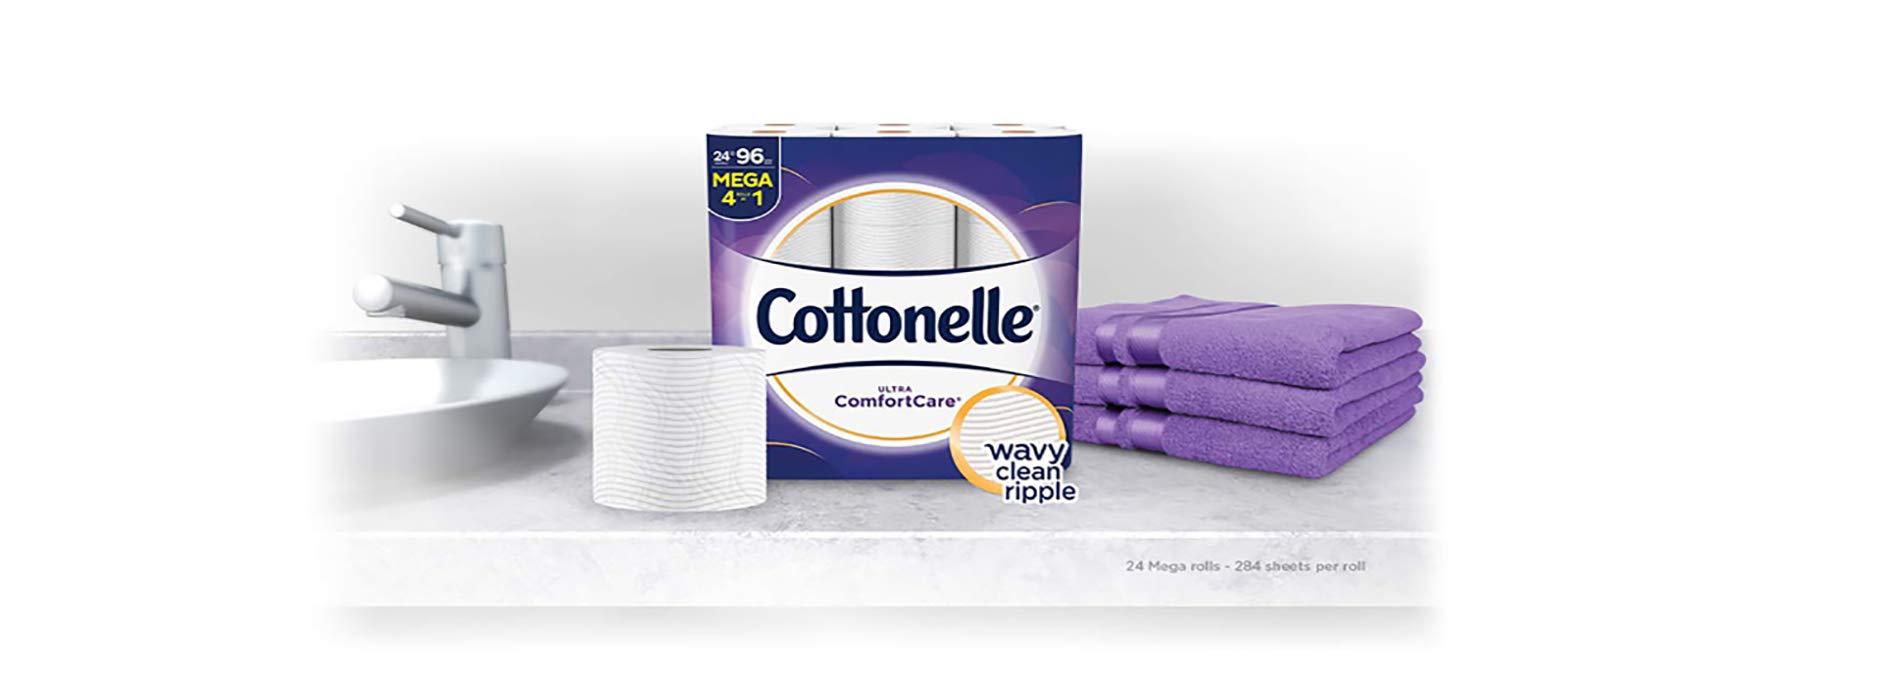 Cottonelle Ultra ComfortCare Toilet Paper, Soft Bath Tissue, Septic-Safe, 24 Mega Rolls by Cottonelle (Image #2)